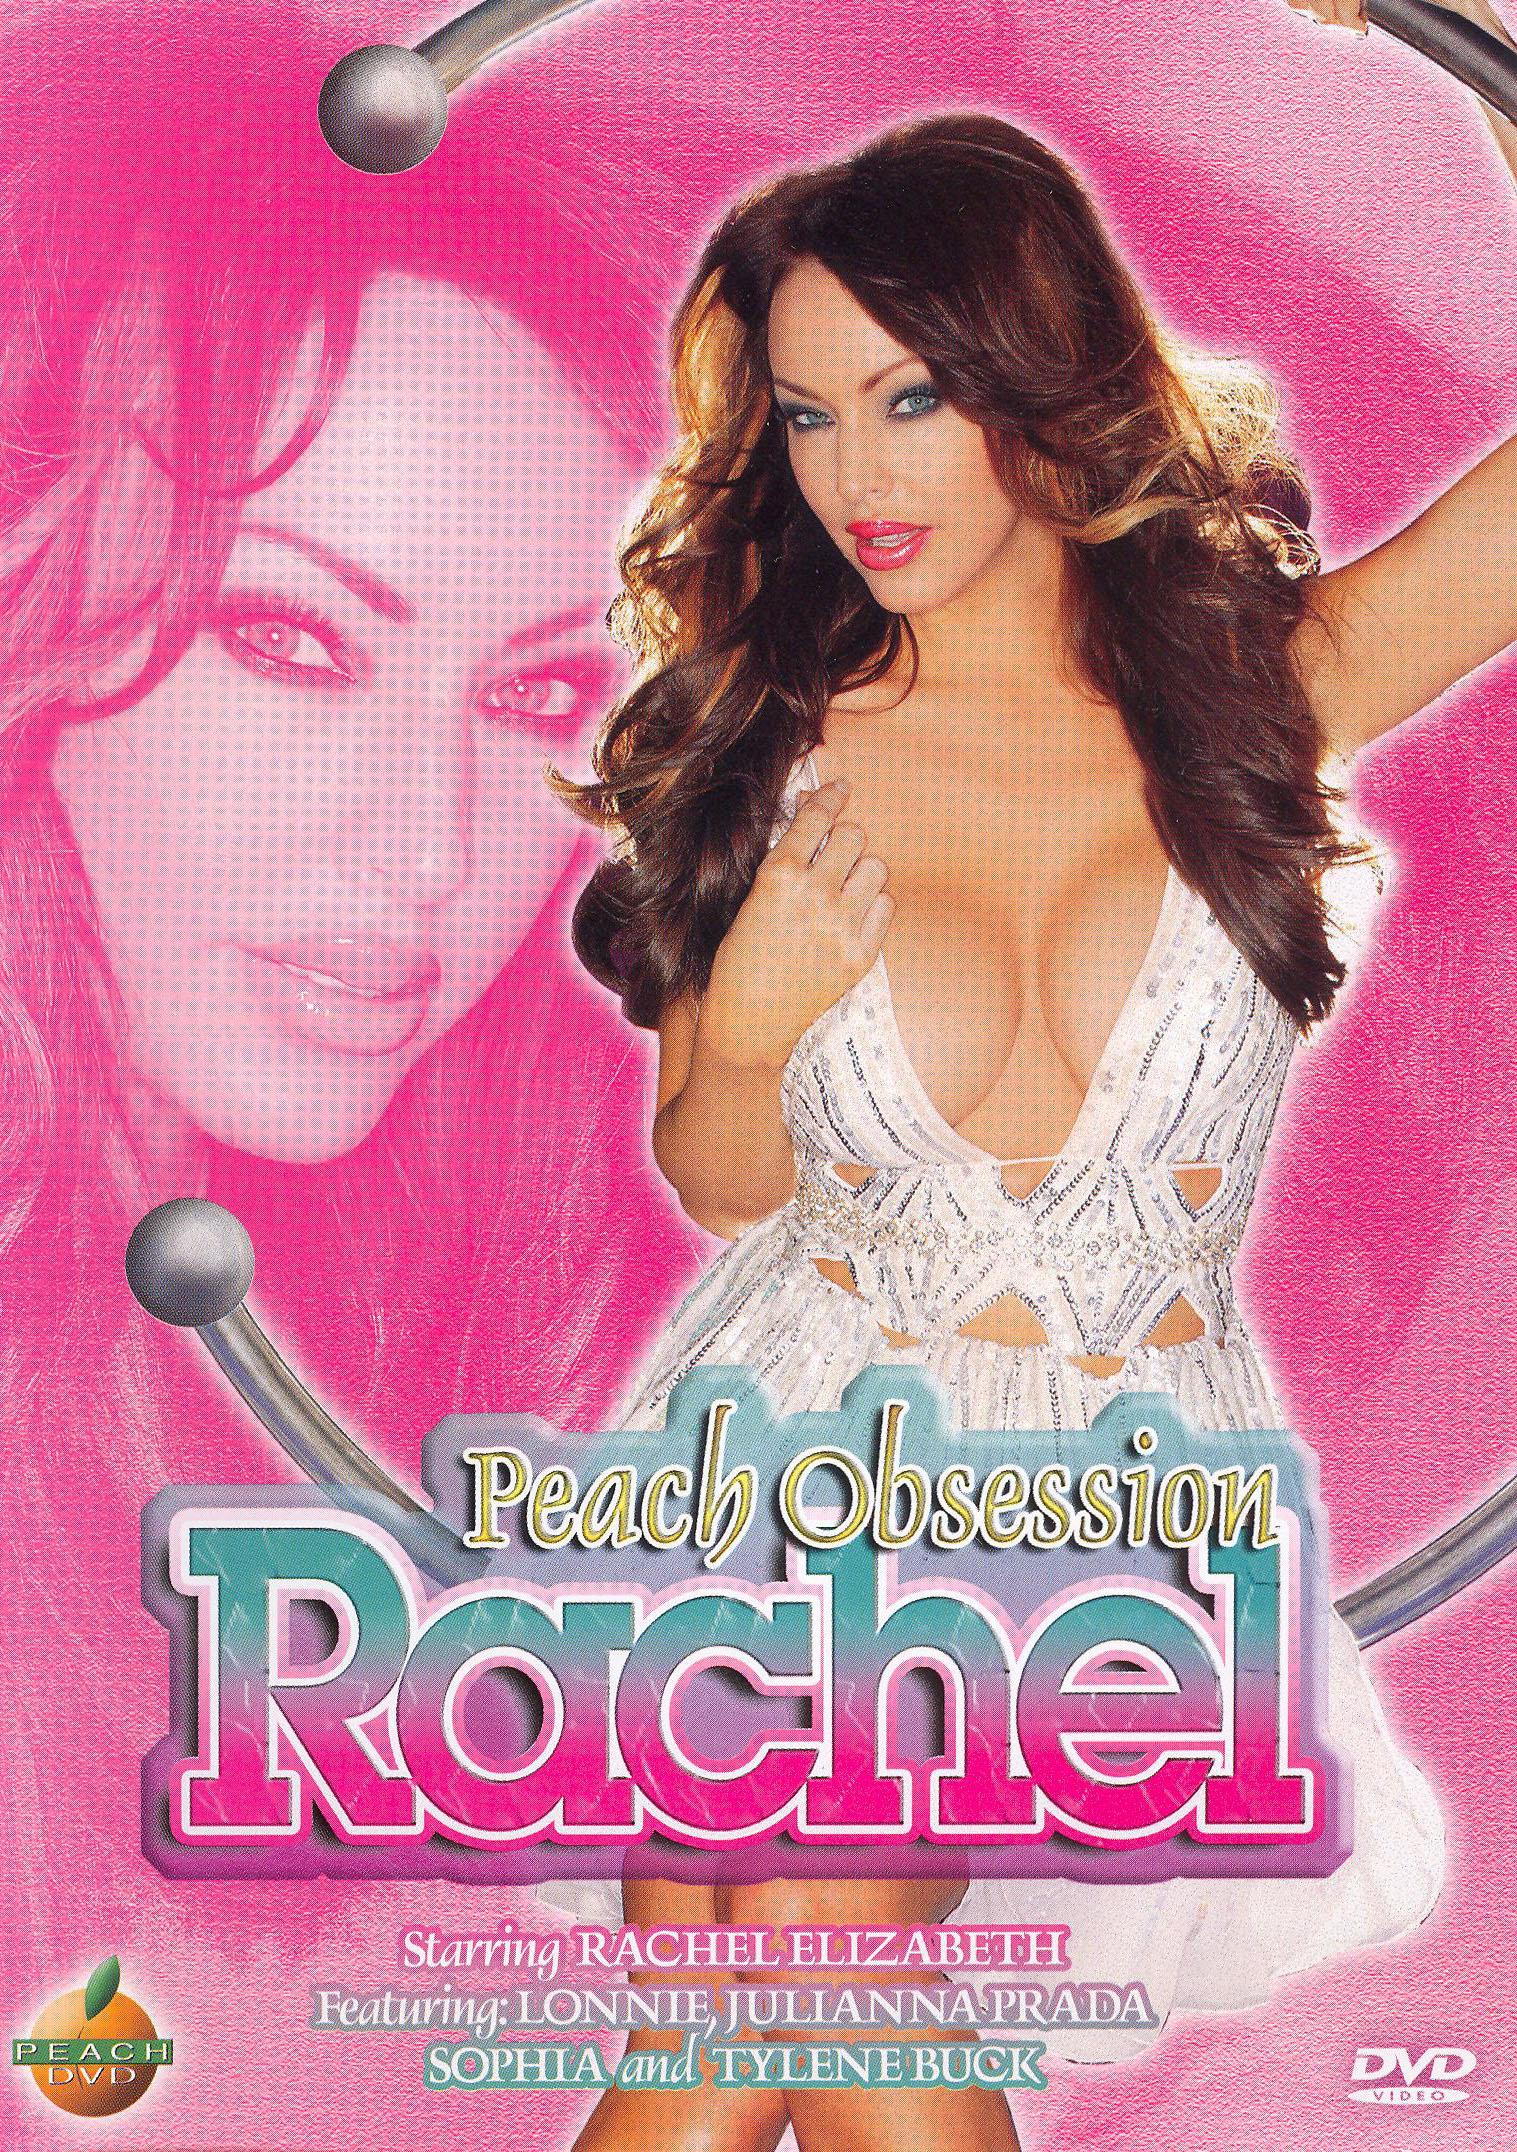 Peach Obsession: Rachel